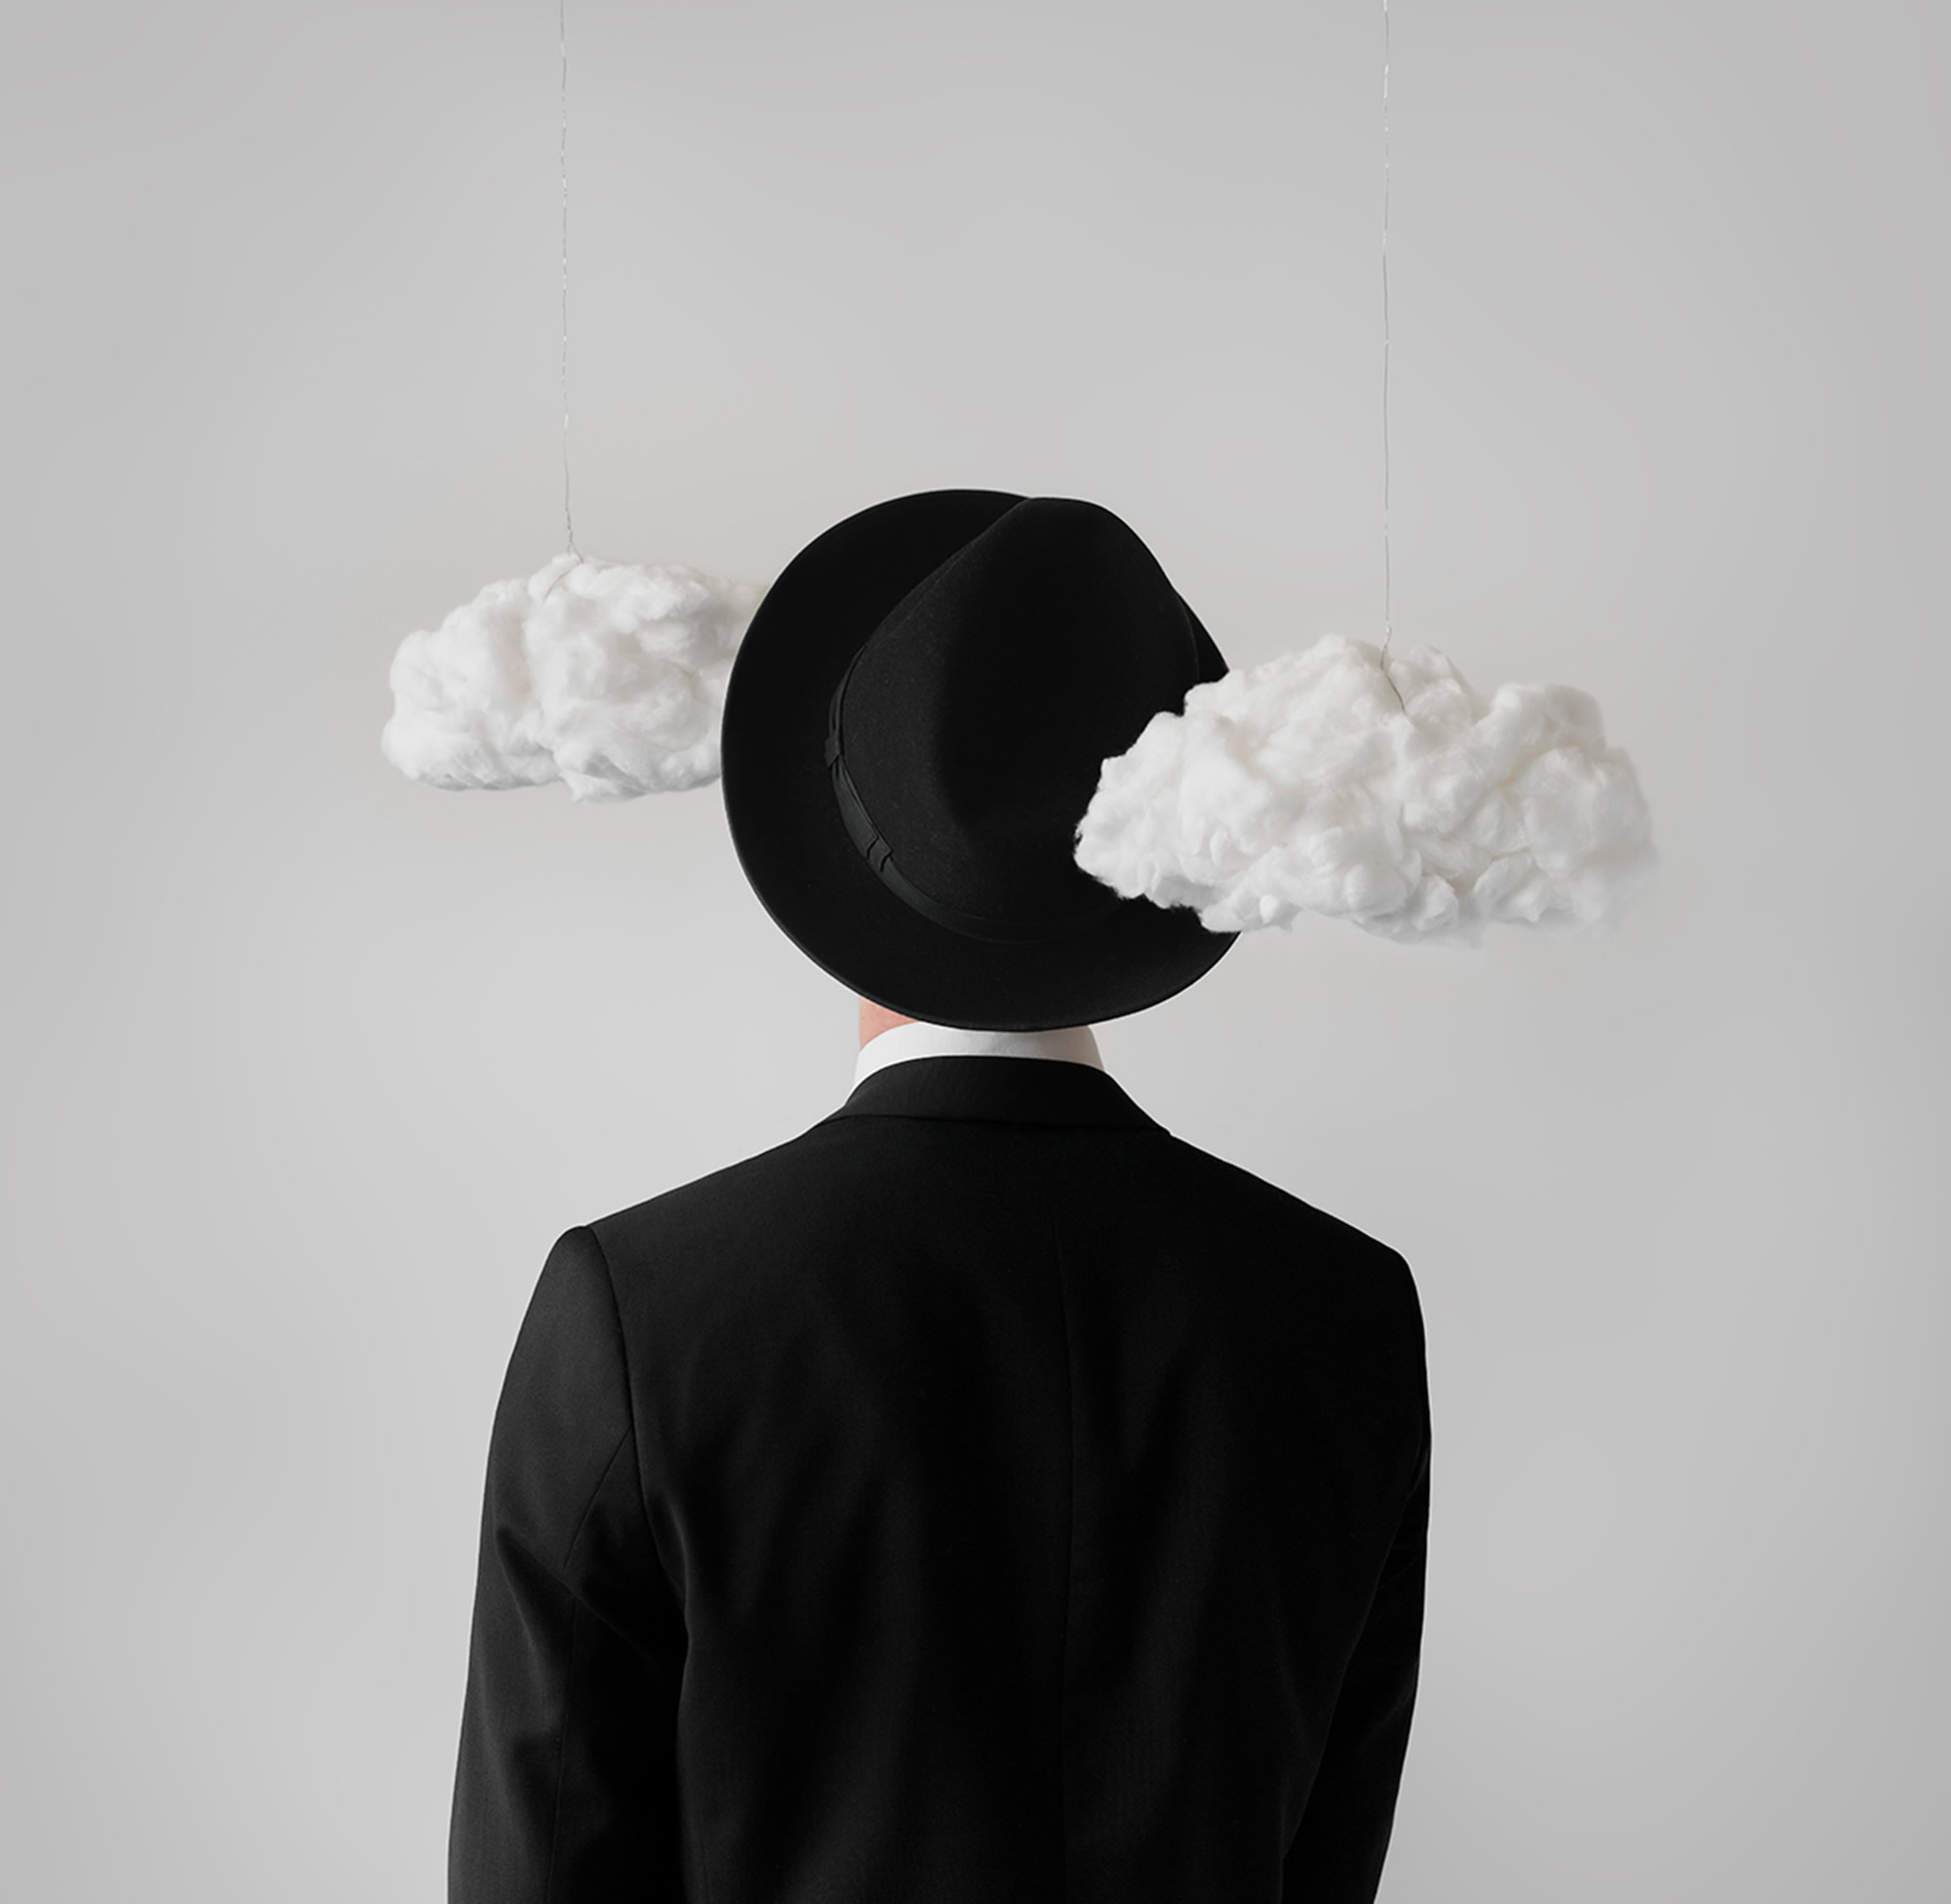 Fotografía de Naomi White, de la serie inspirada en René Magritte.